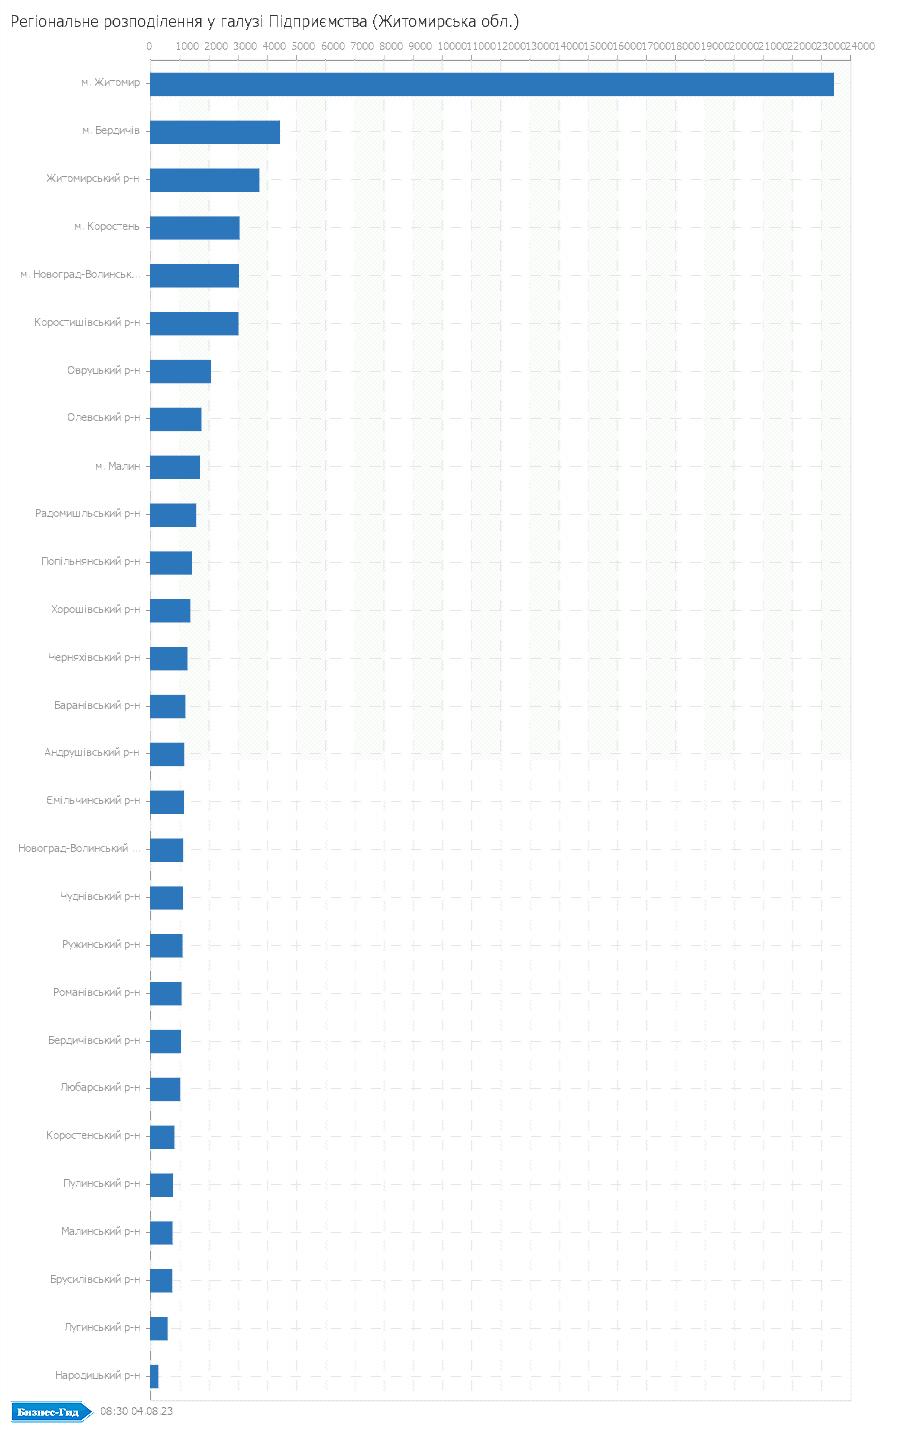 Регіональне розподілення у галузі: Підприємства (Житомирська обл.)